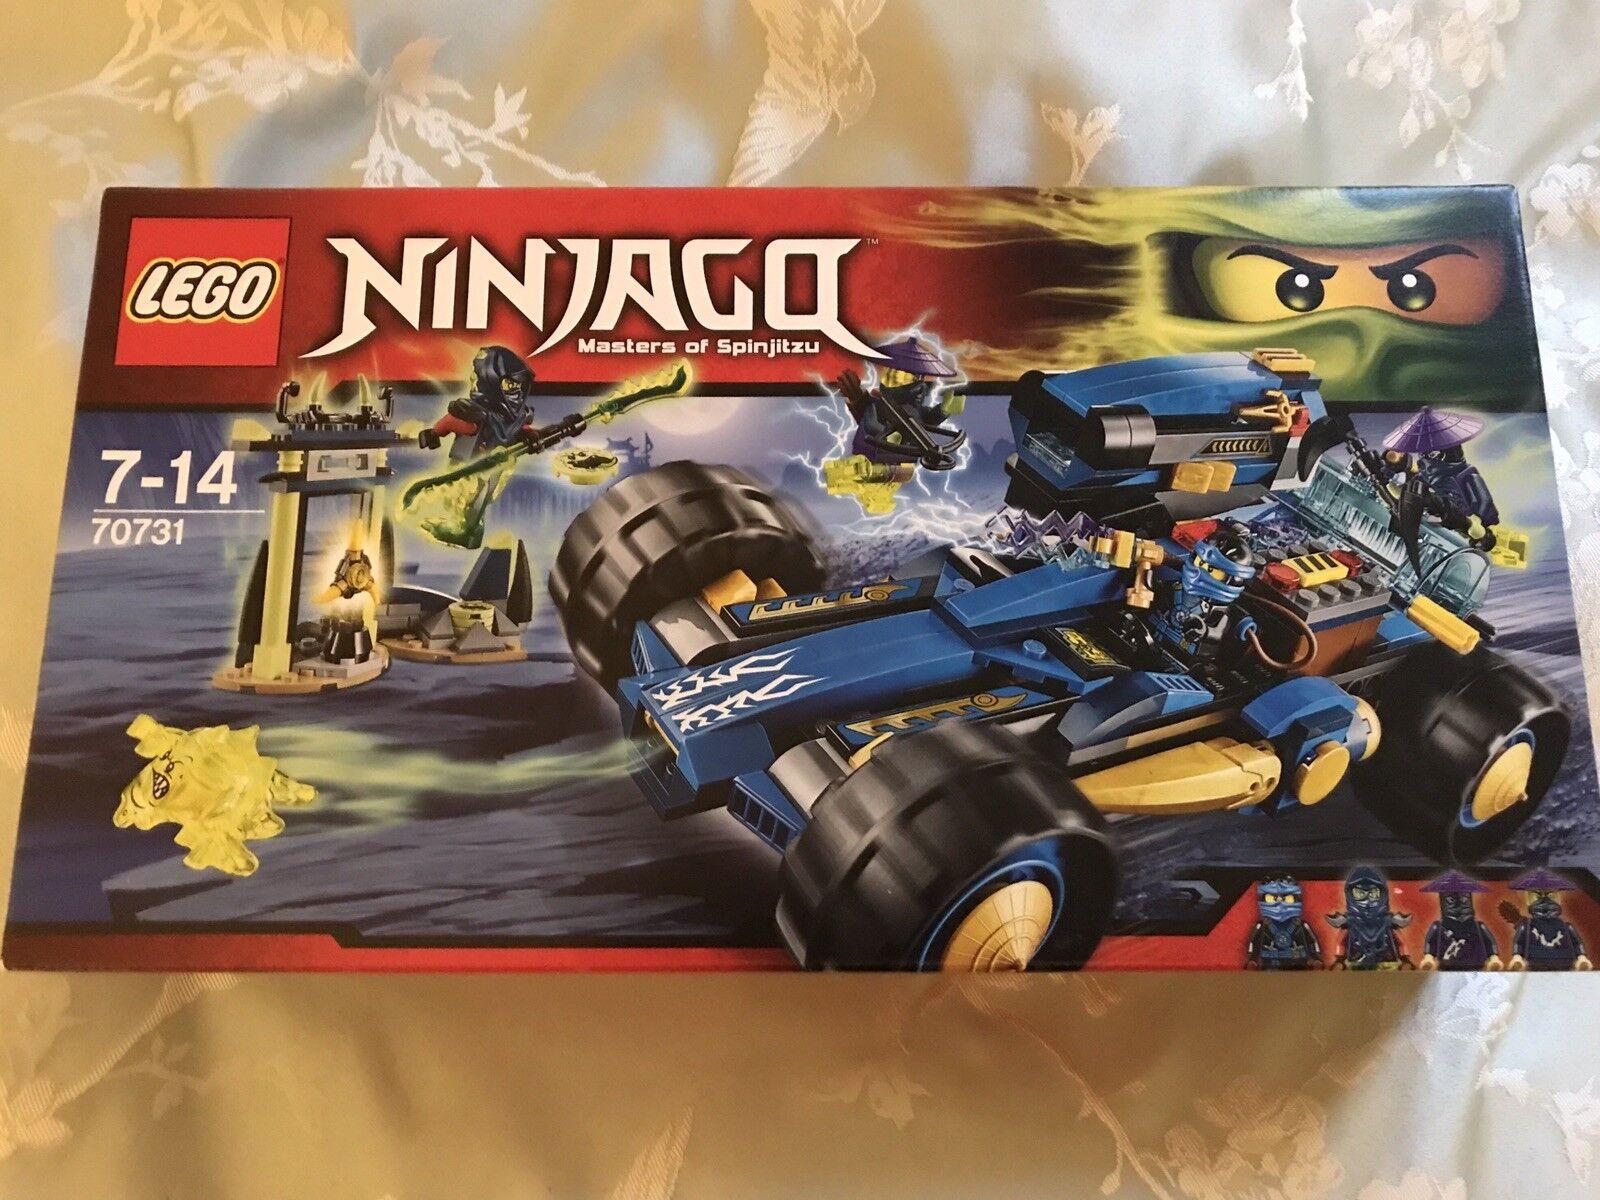 Profitez de la fin de l'année, copiez le le le prix du cadeau, c'est au-delà de votre imagination! Lego 70731 Ninjago EntièreHommes t neuf dans sa boîte retraité Set 9d3a9b